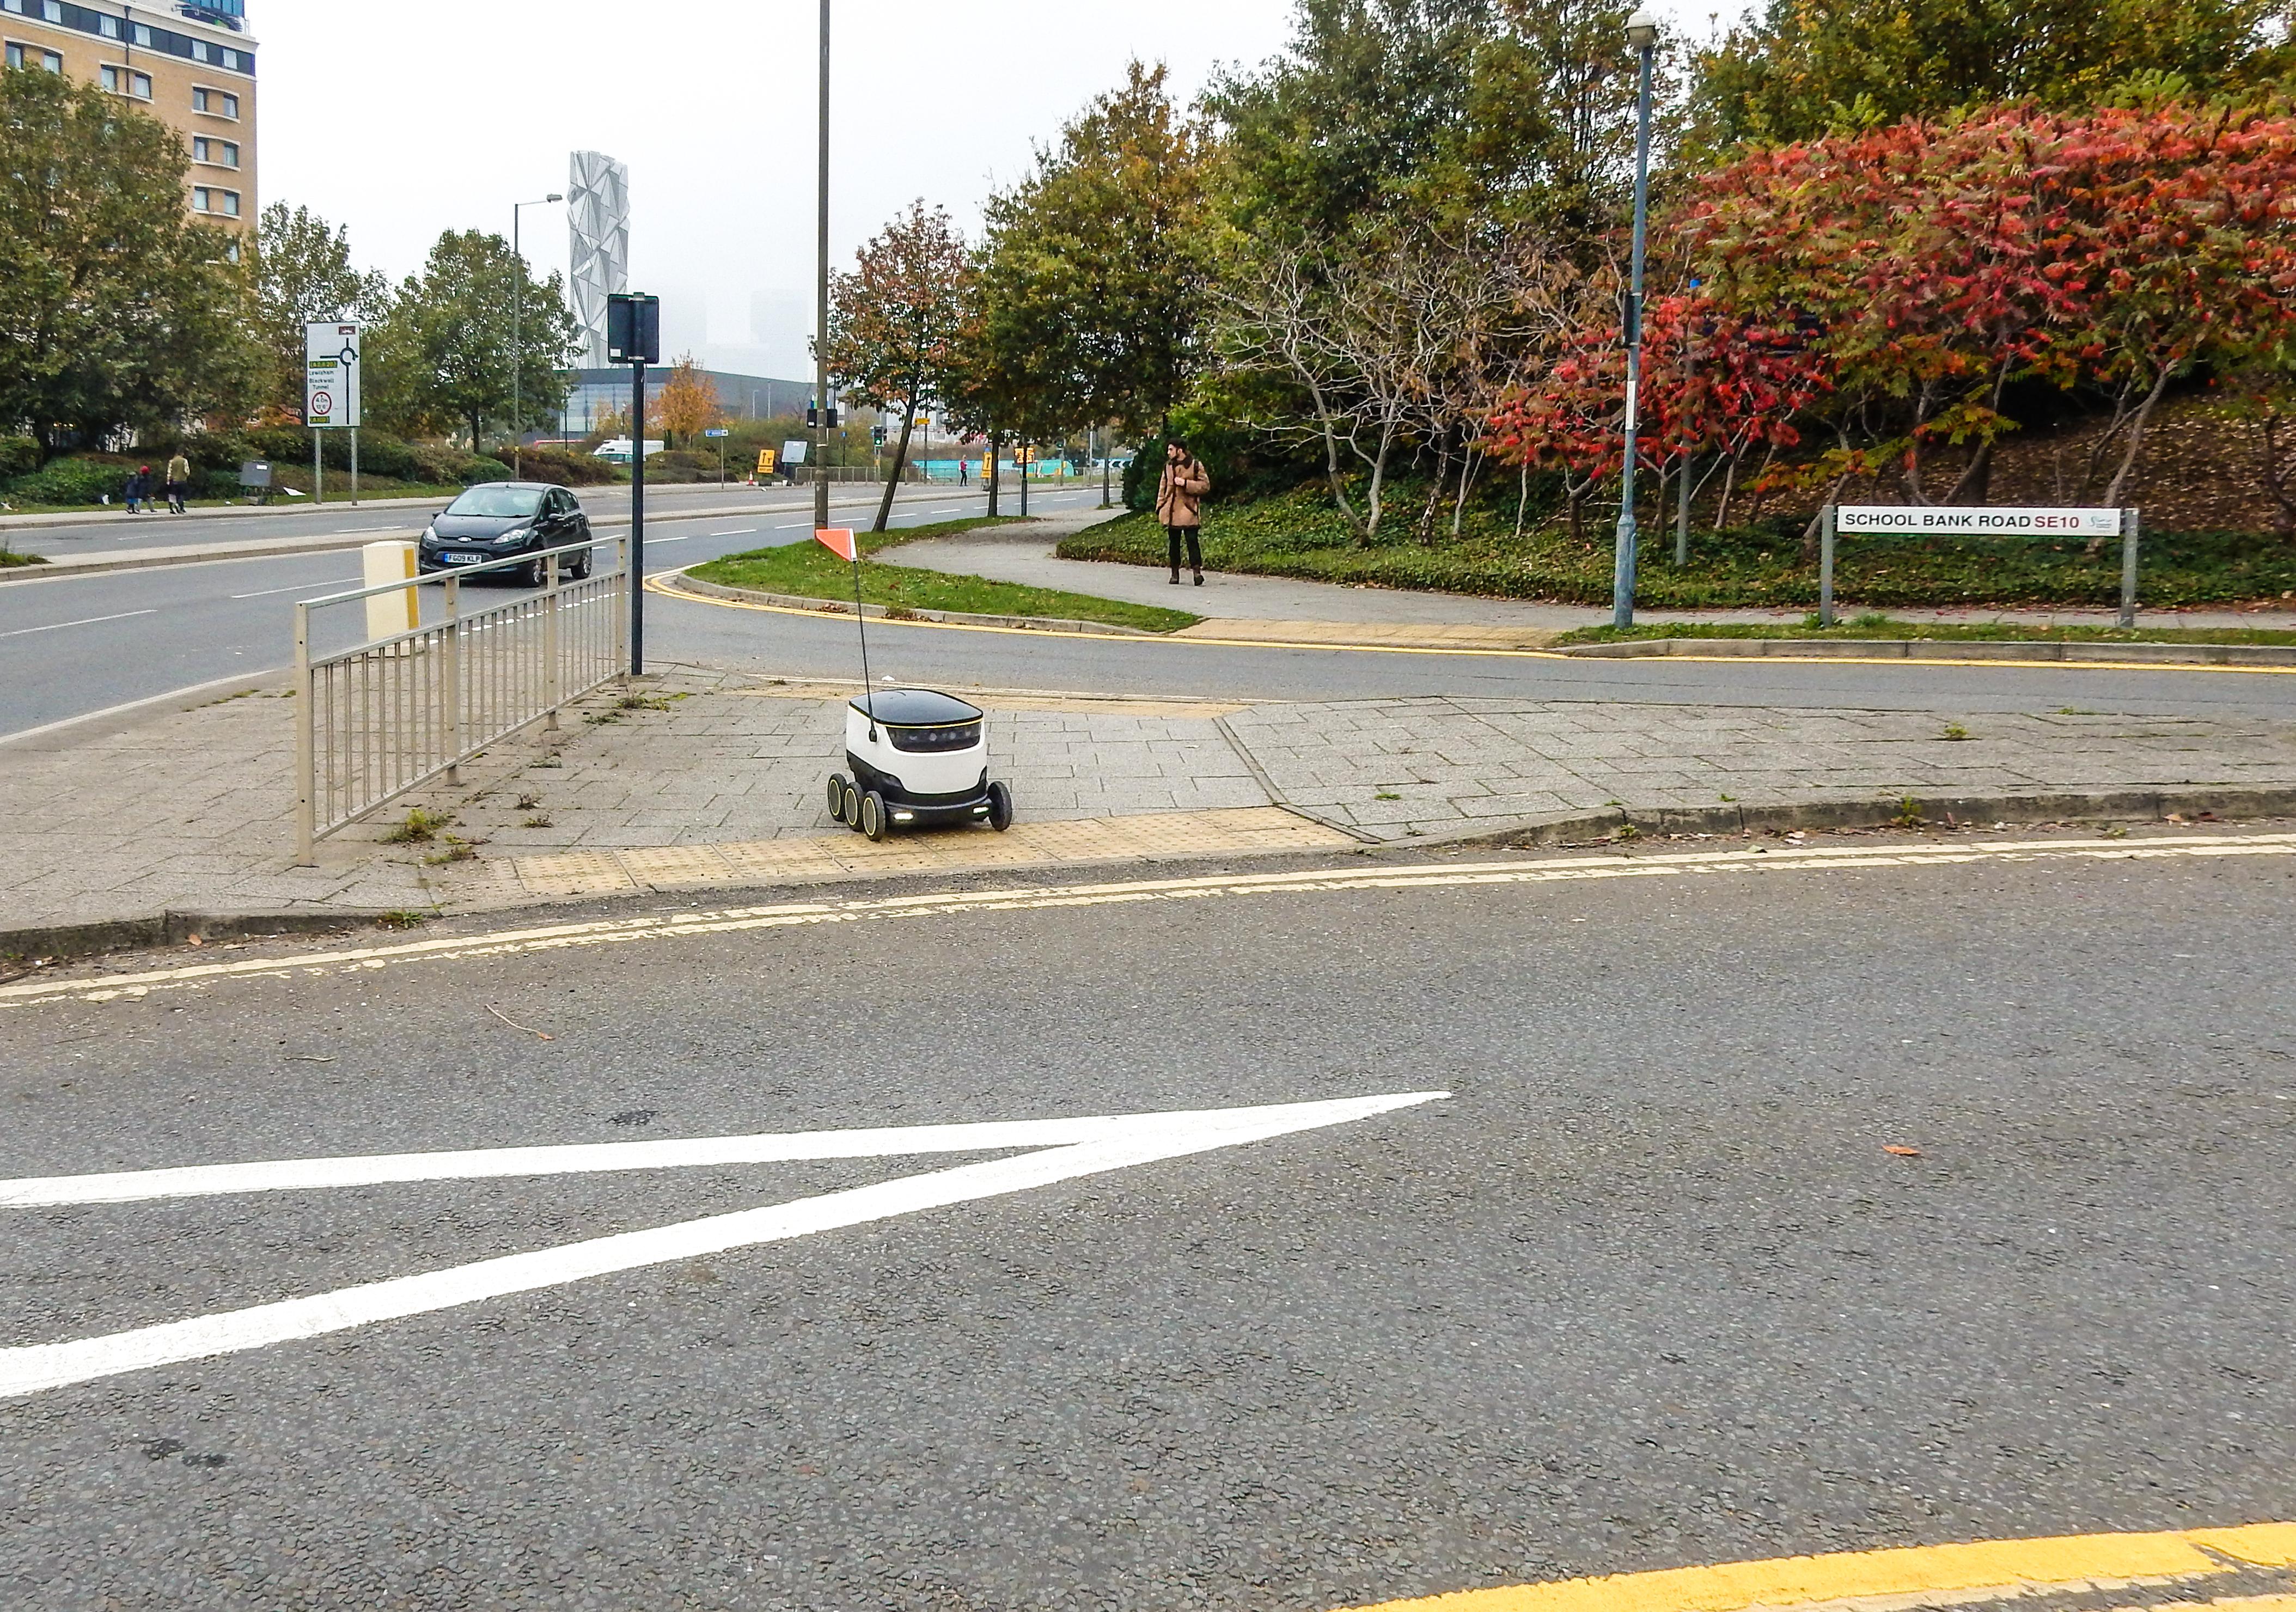 Robot de livraison autonome (crédits: Kirsi L-M / Flickr Creative Commons Attribution - Pas d'Utilisation Commerciale - Pas de Modification 2.0 Générique (CC BY-NC-ND 2.0))